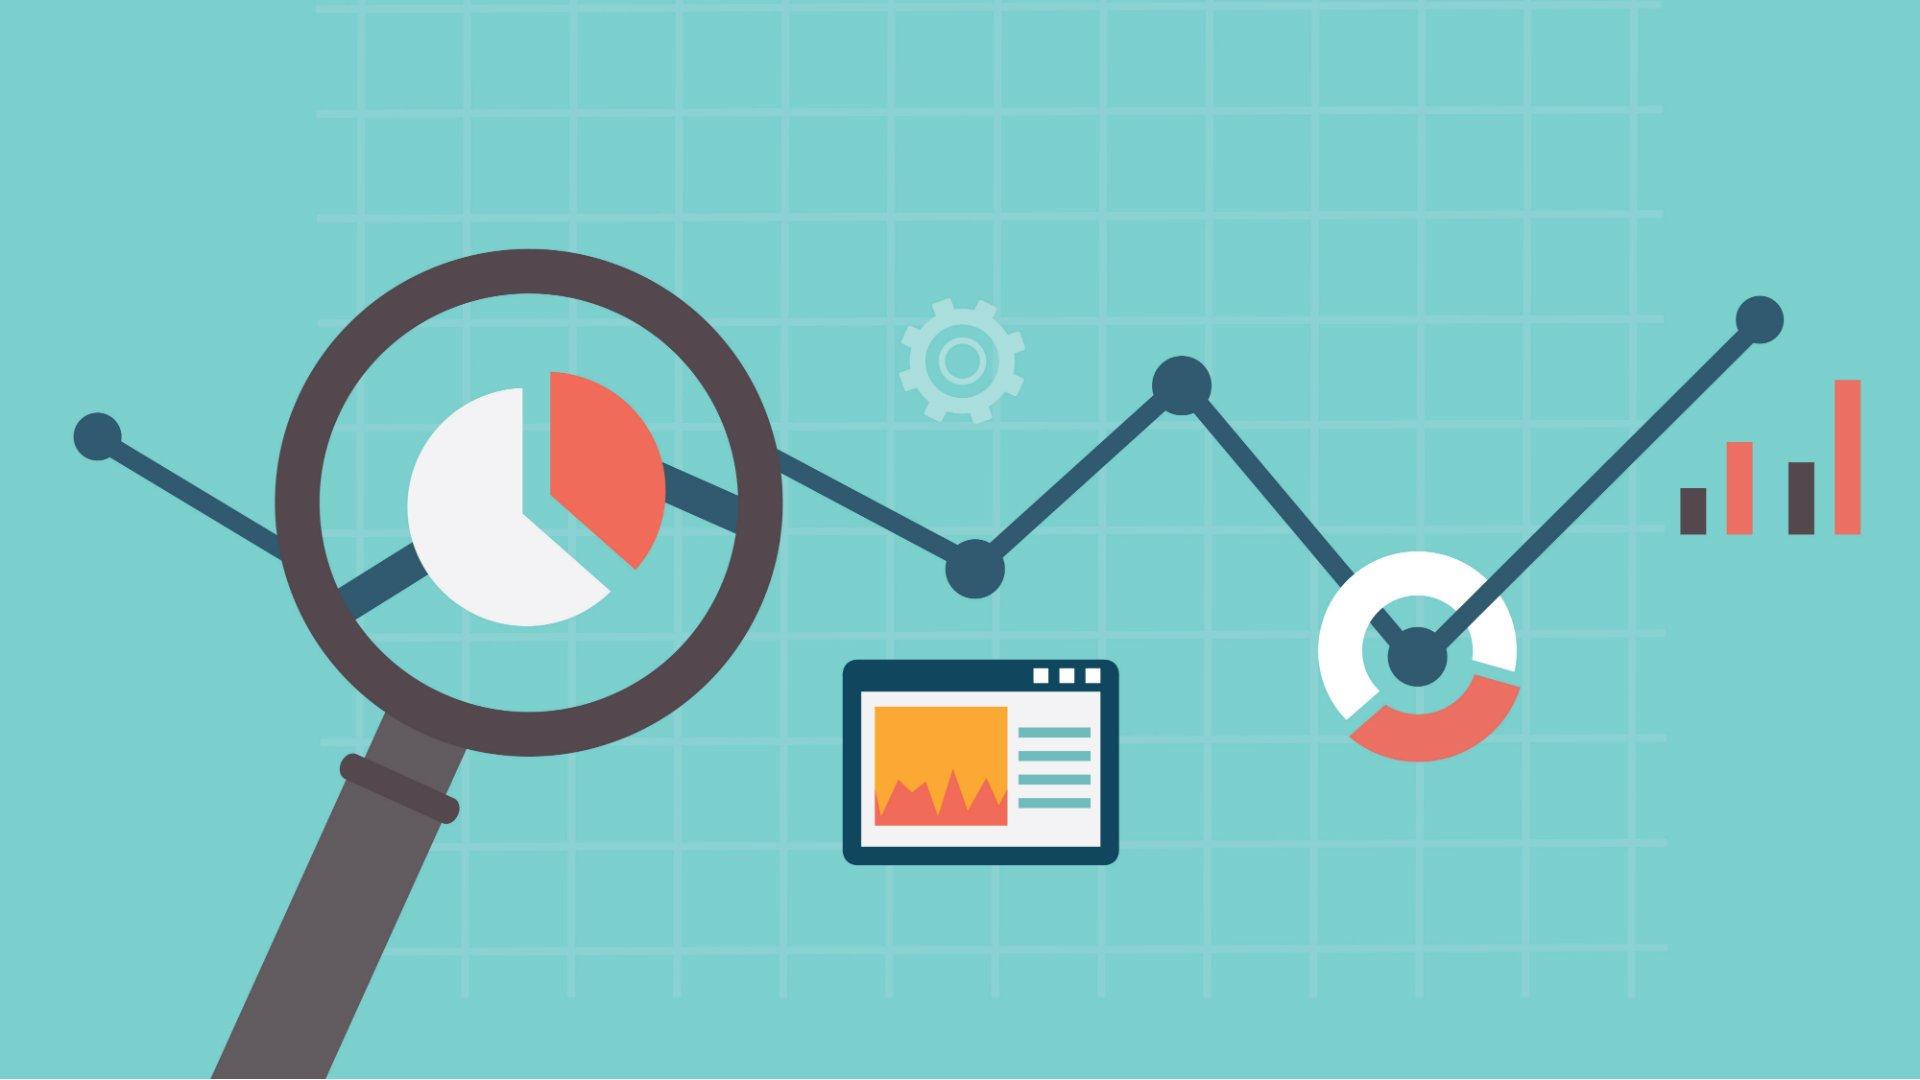 Κατασκευή e-shop & ιστοσελίδων Θεσσαλονίκη 8 Συμβουλές του Google Analytics για να αυξήσεις τα ποσοστά μετατροπής